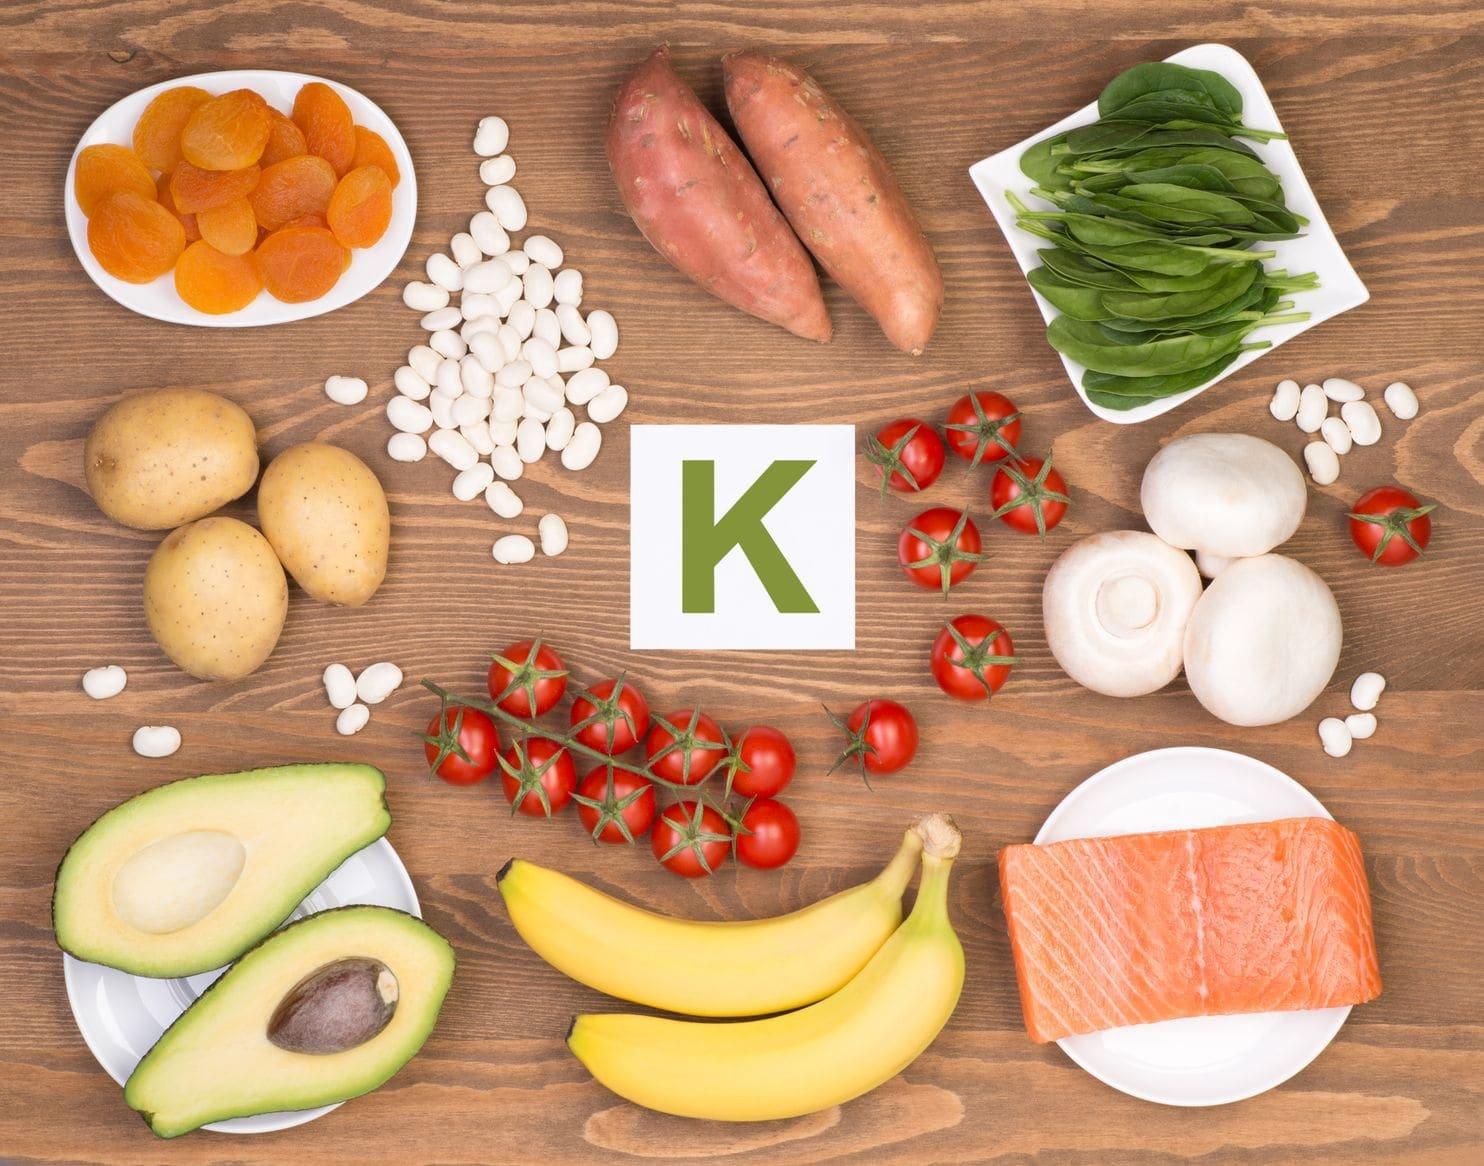 Nhóm thực phẩm chứa nhiều K